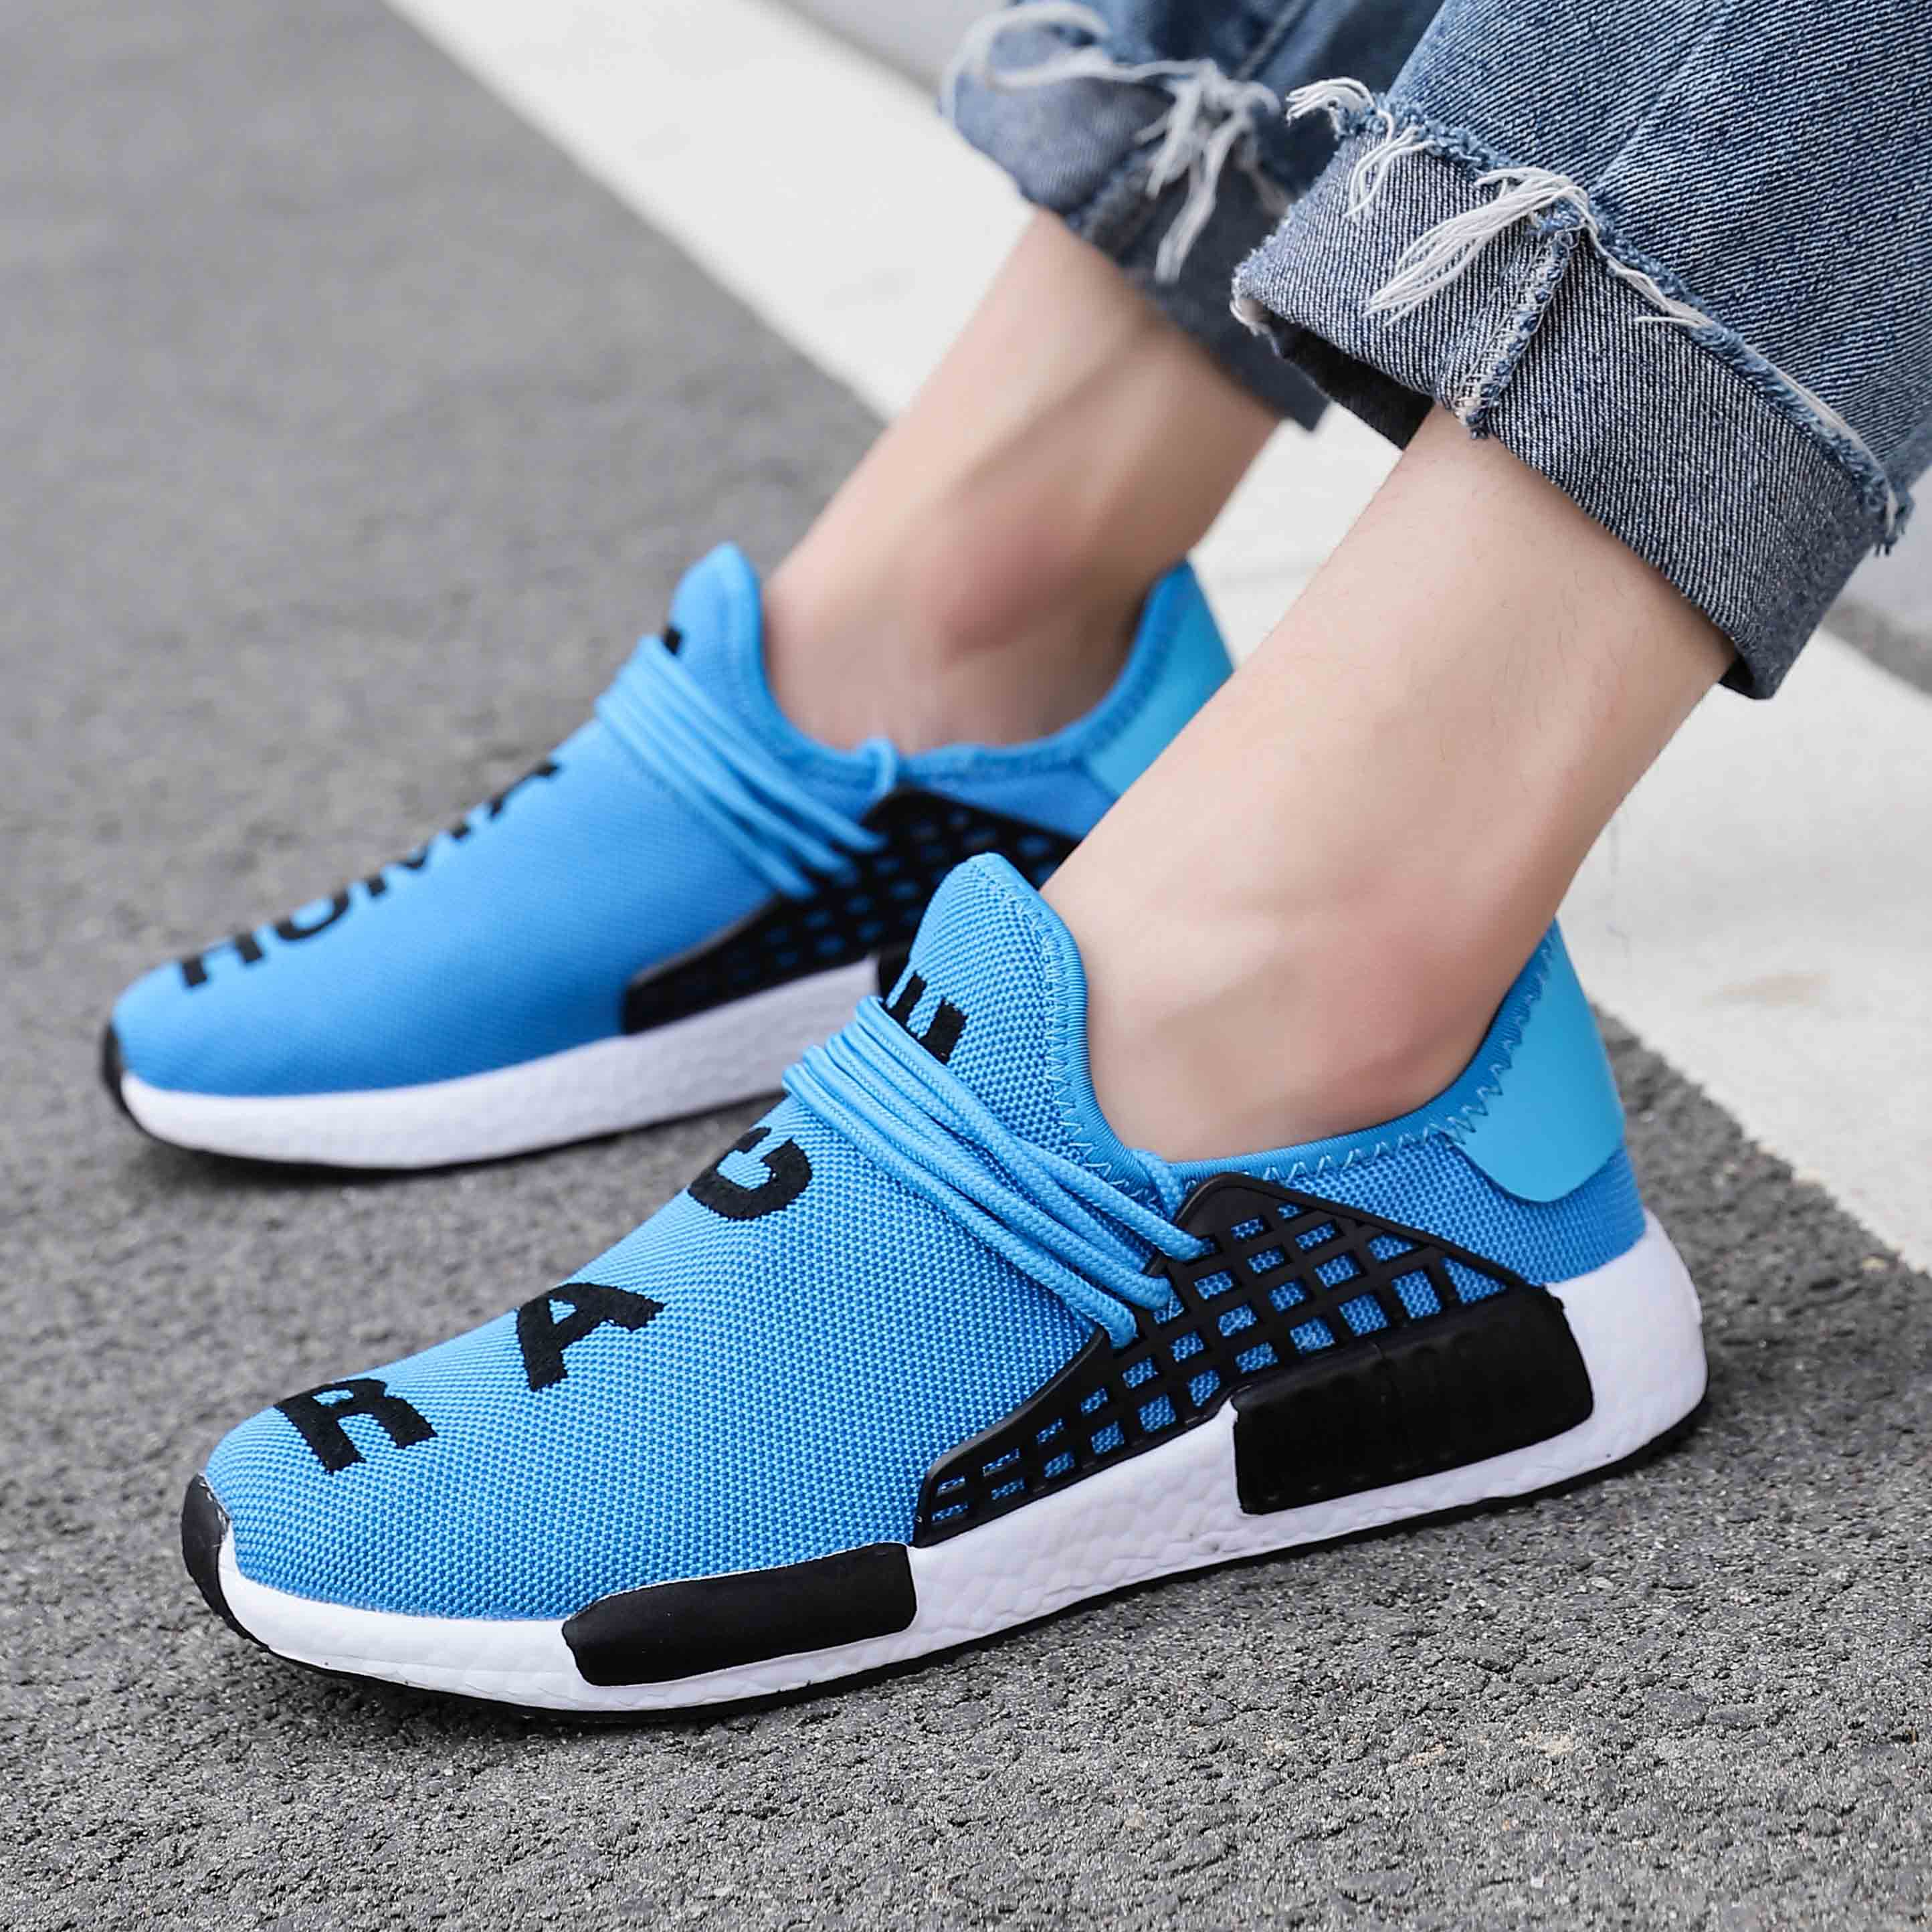 Tênis de Moda dos Homens do Verão Rendas até Sapatos Casuais para o Homem Respirável Masculino Andando Sneaker Sapatos Tamanho Grande